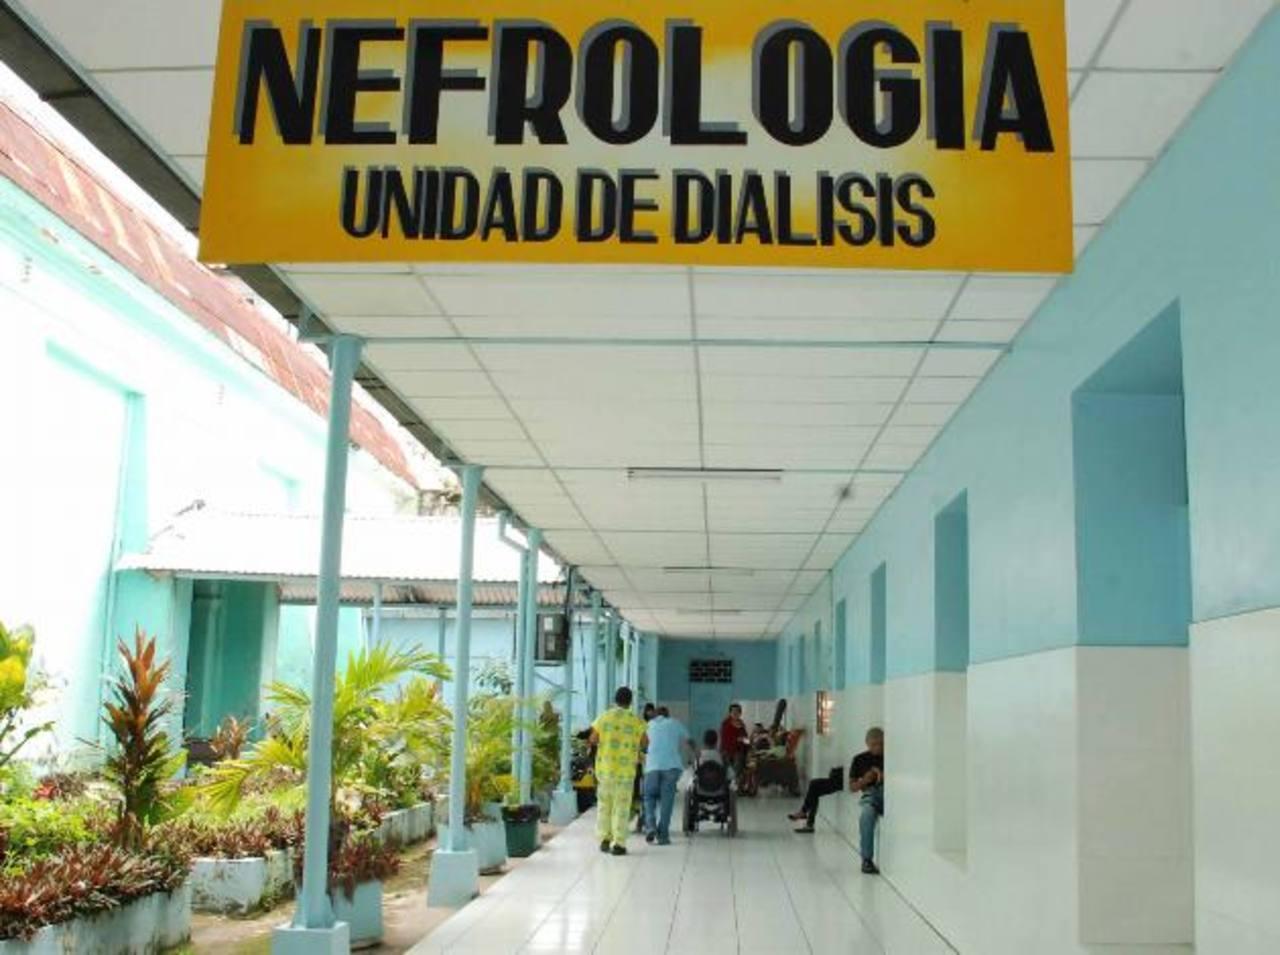 Los hechos, según la Fiscalía, ocurrieron entre diciembre 2013 y enero 2014, en los baños de la unidad de Diálisis del hospital nacional San Juan de Dios de Santa Ana. Foto EDH / Archivo